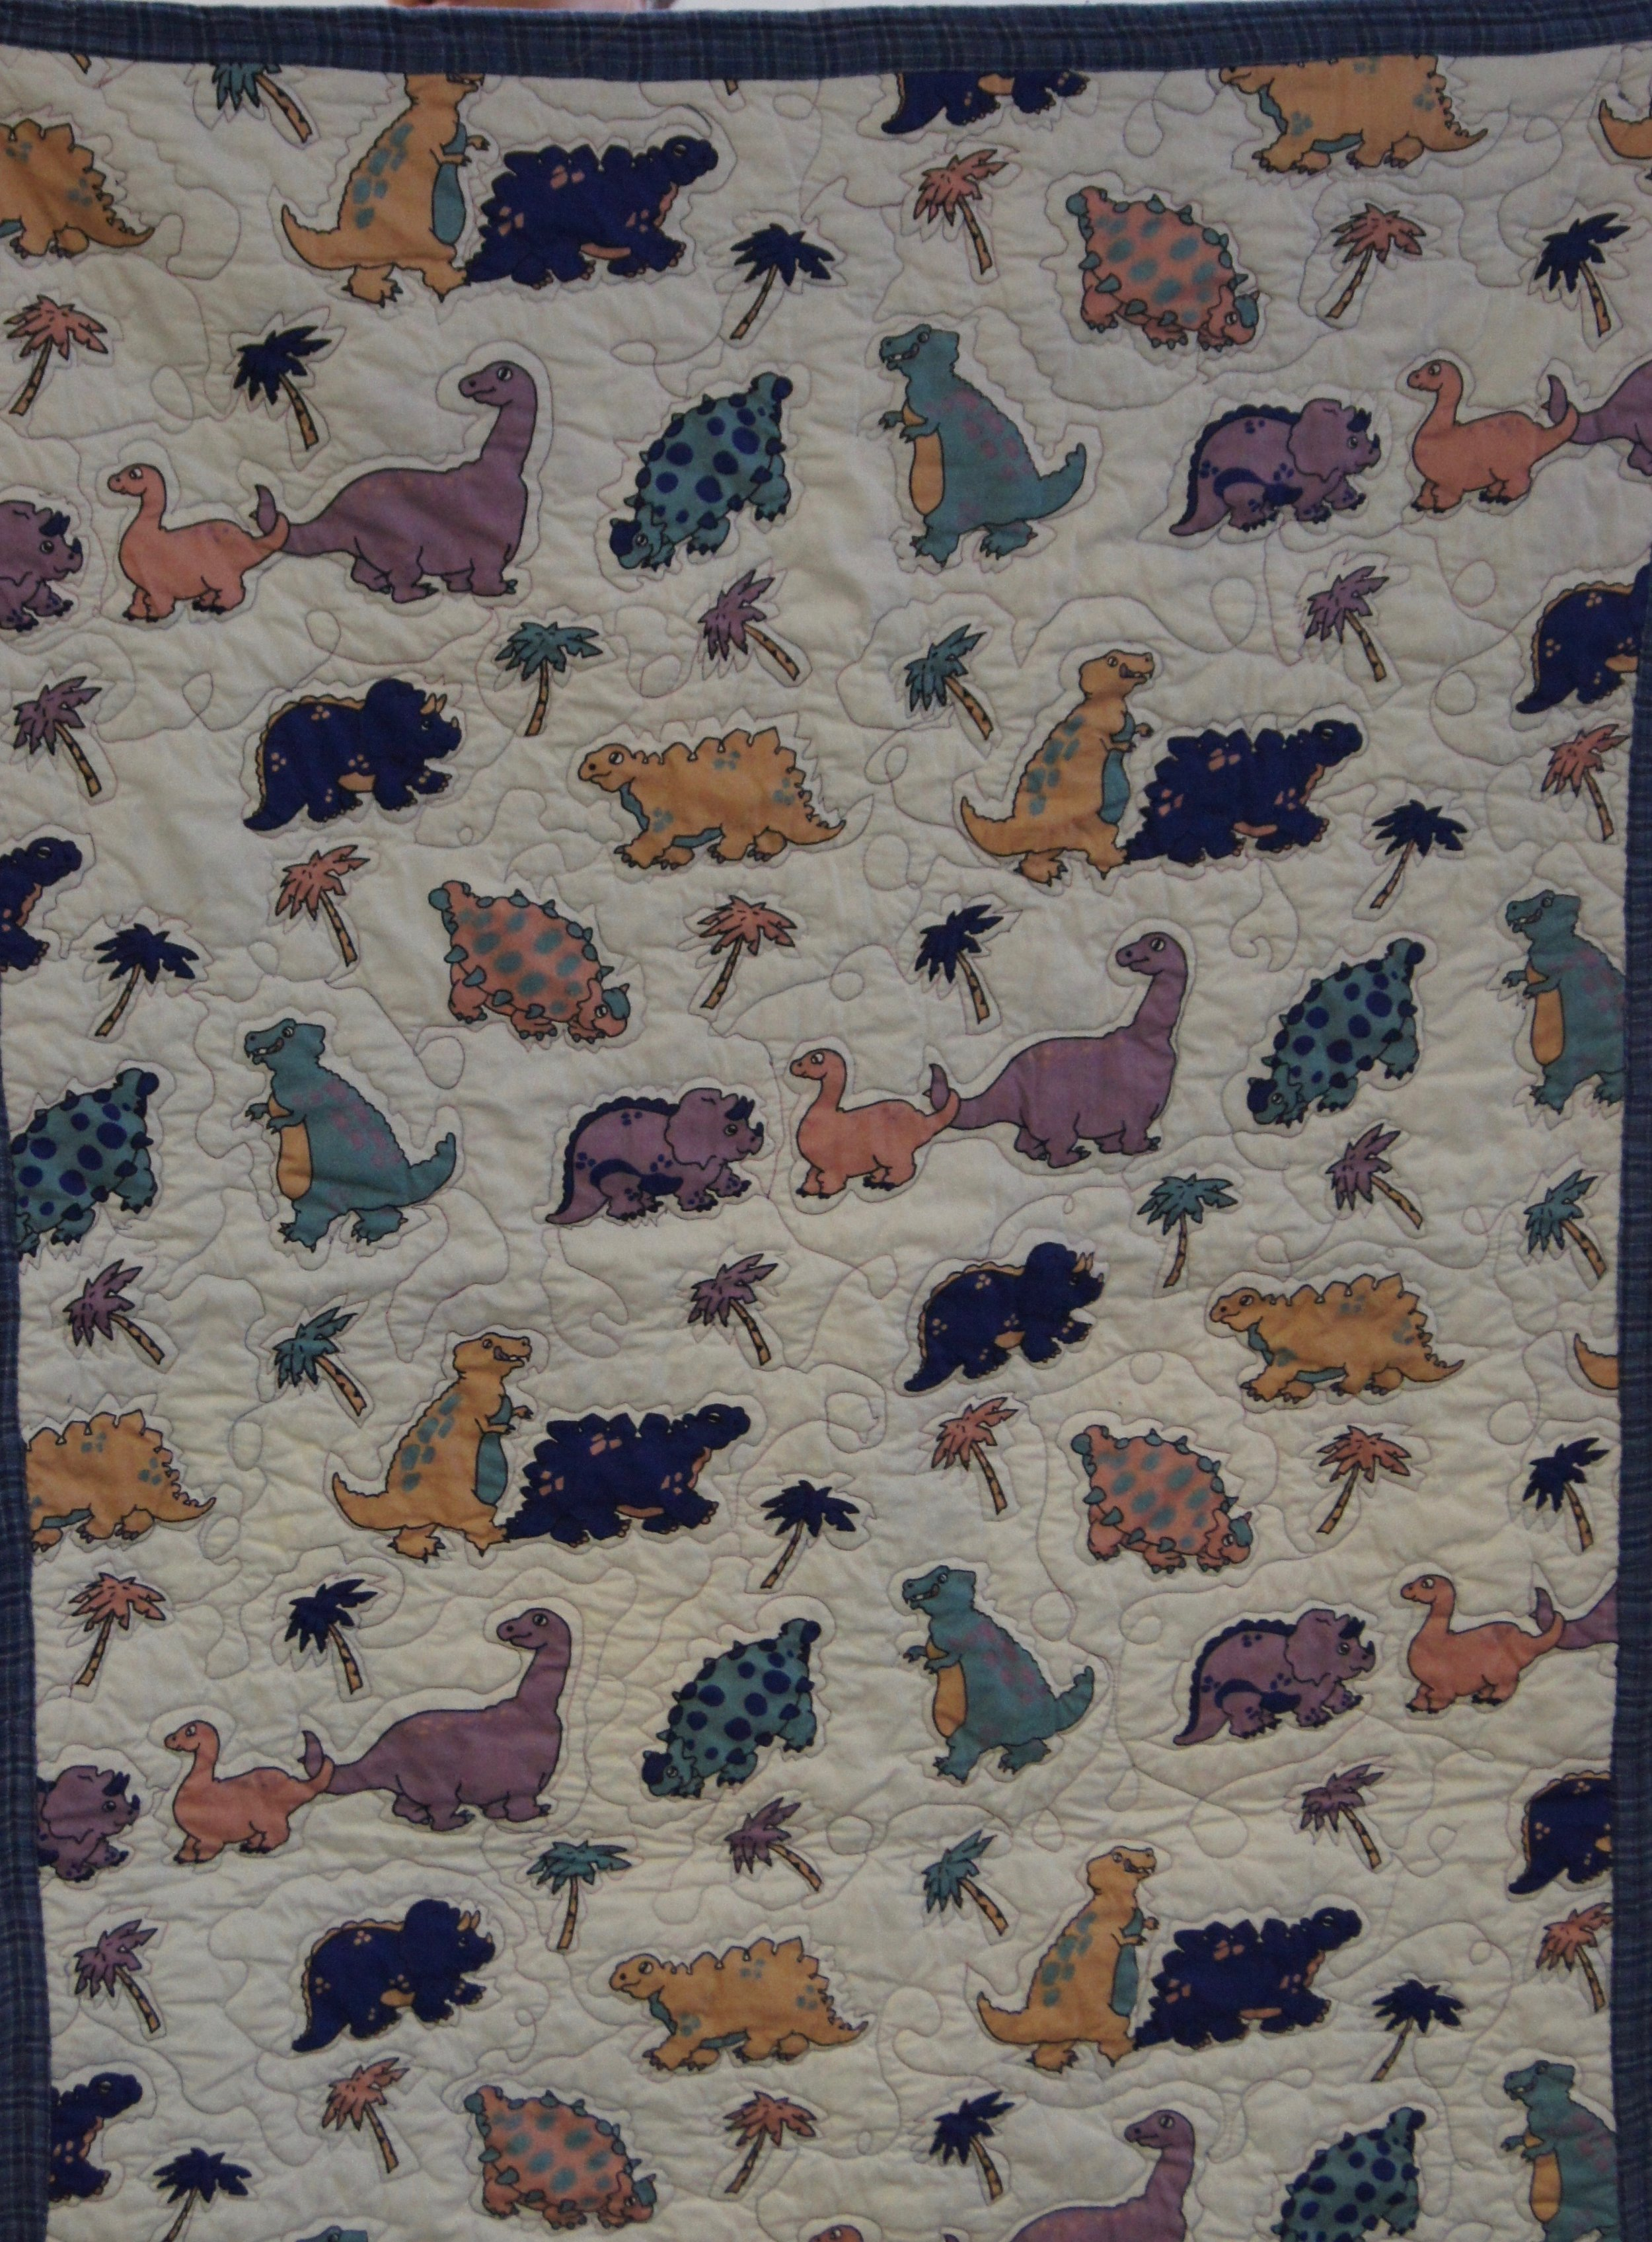 Child's dinosaur quilt by Michele Leonard